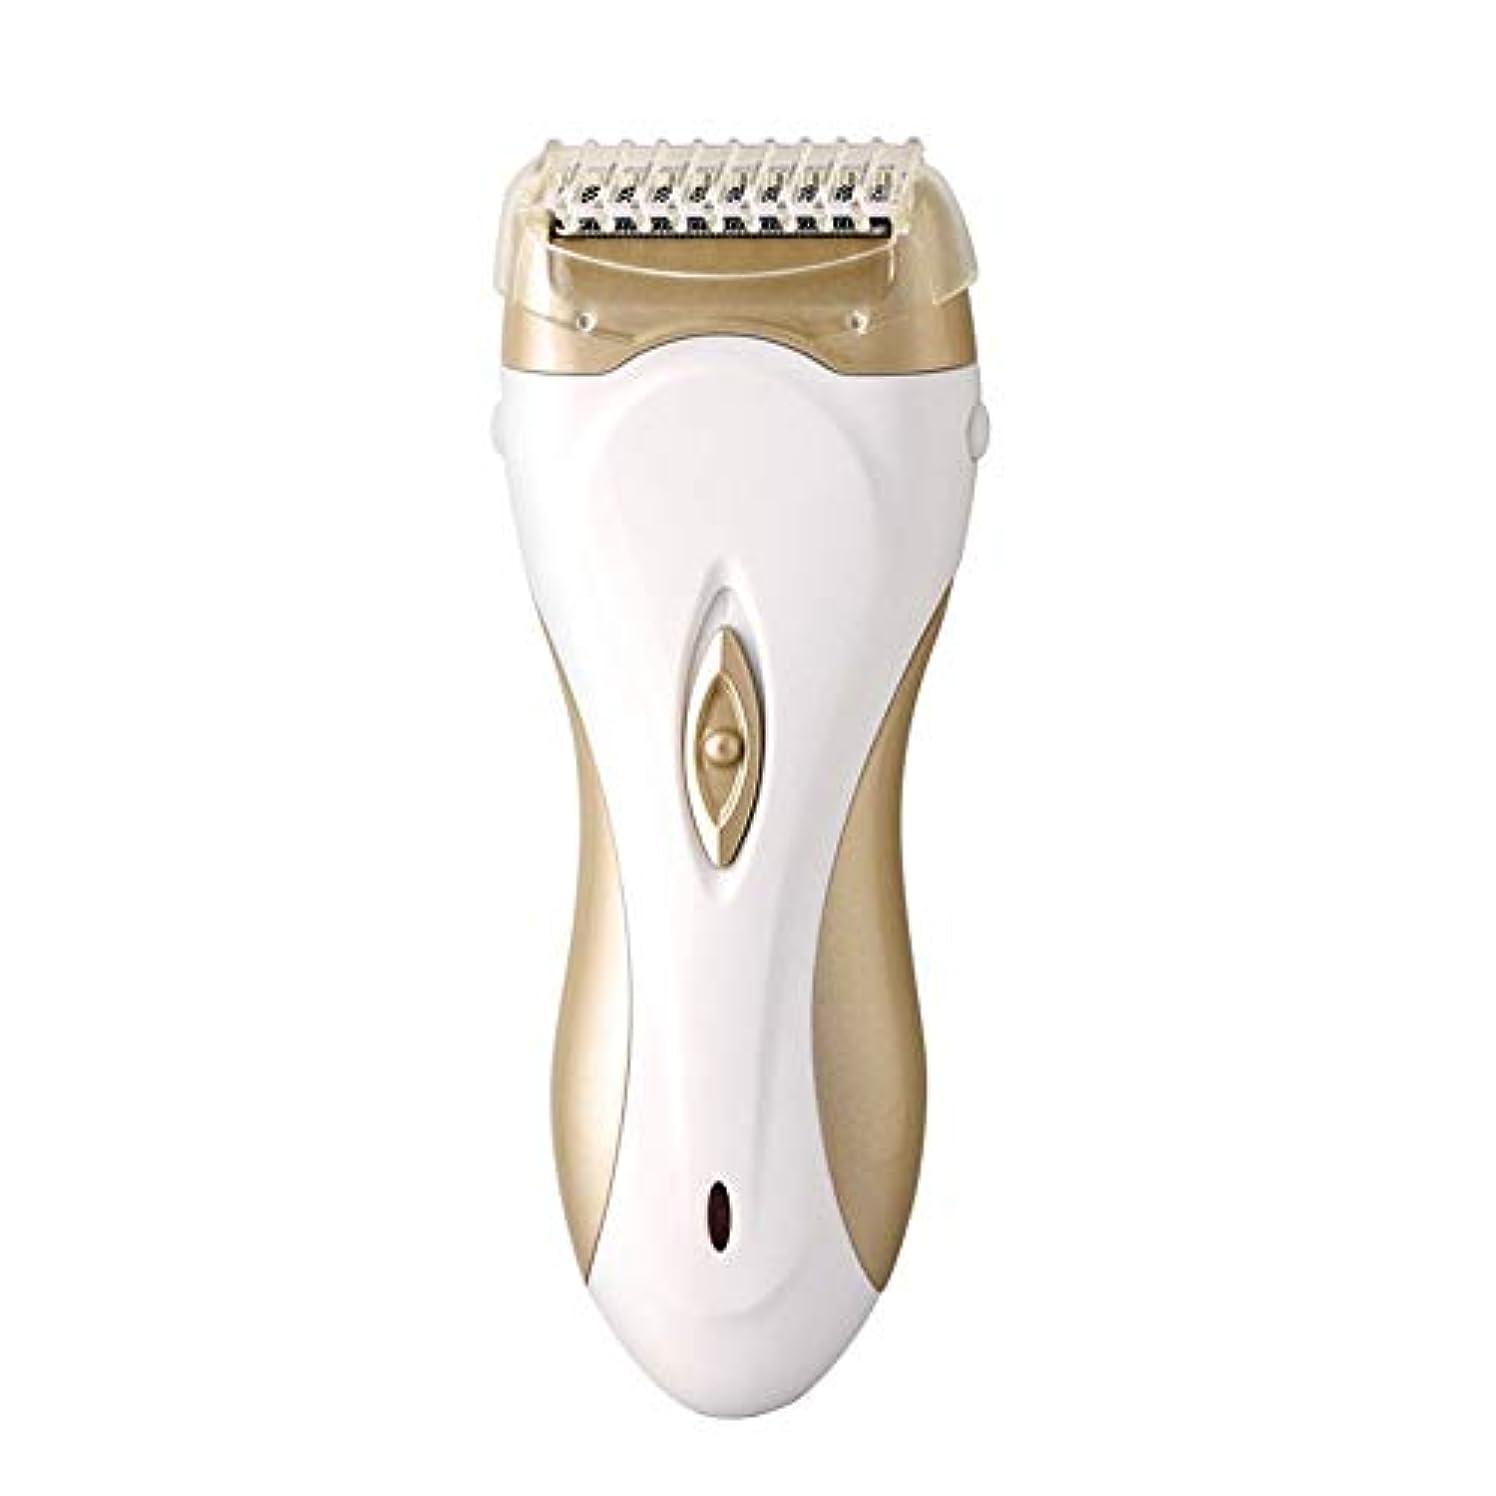 必需品請求可能人物脱毛器、女性コードレス携帯用電気脱毛器、女性の腕脇の下チンビキニ脚用充電式脱毛 (Color : Gold)